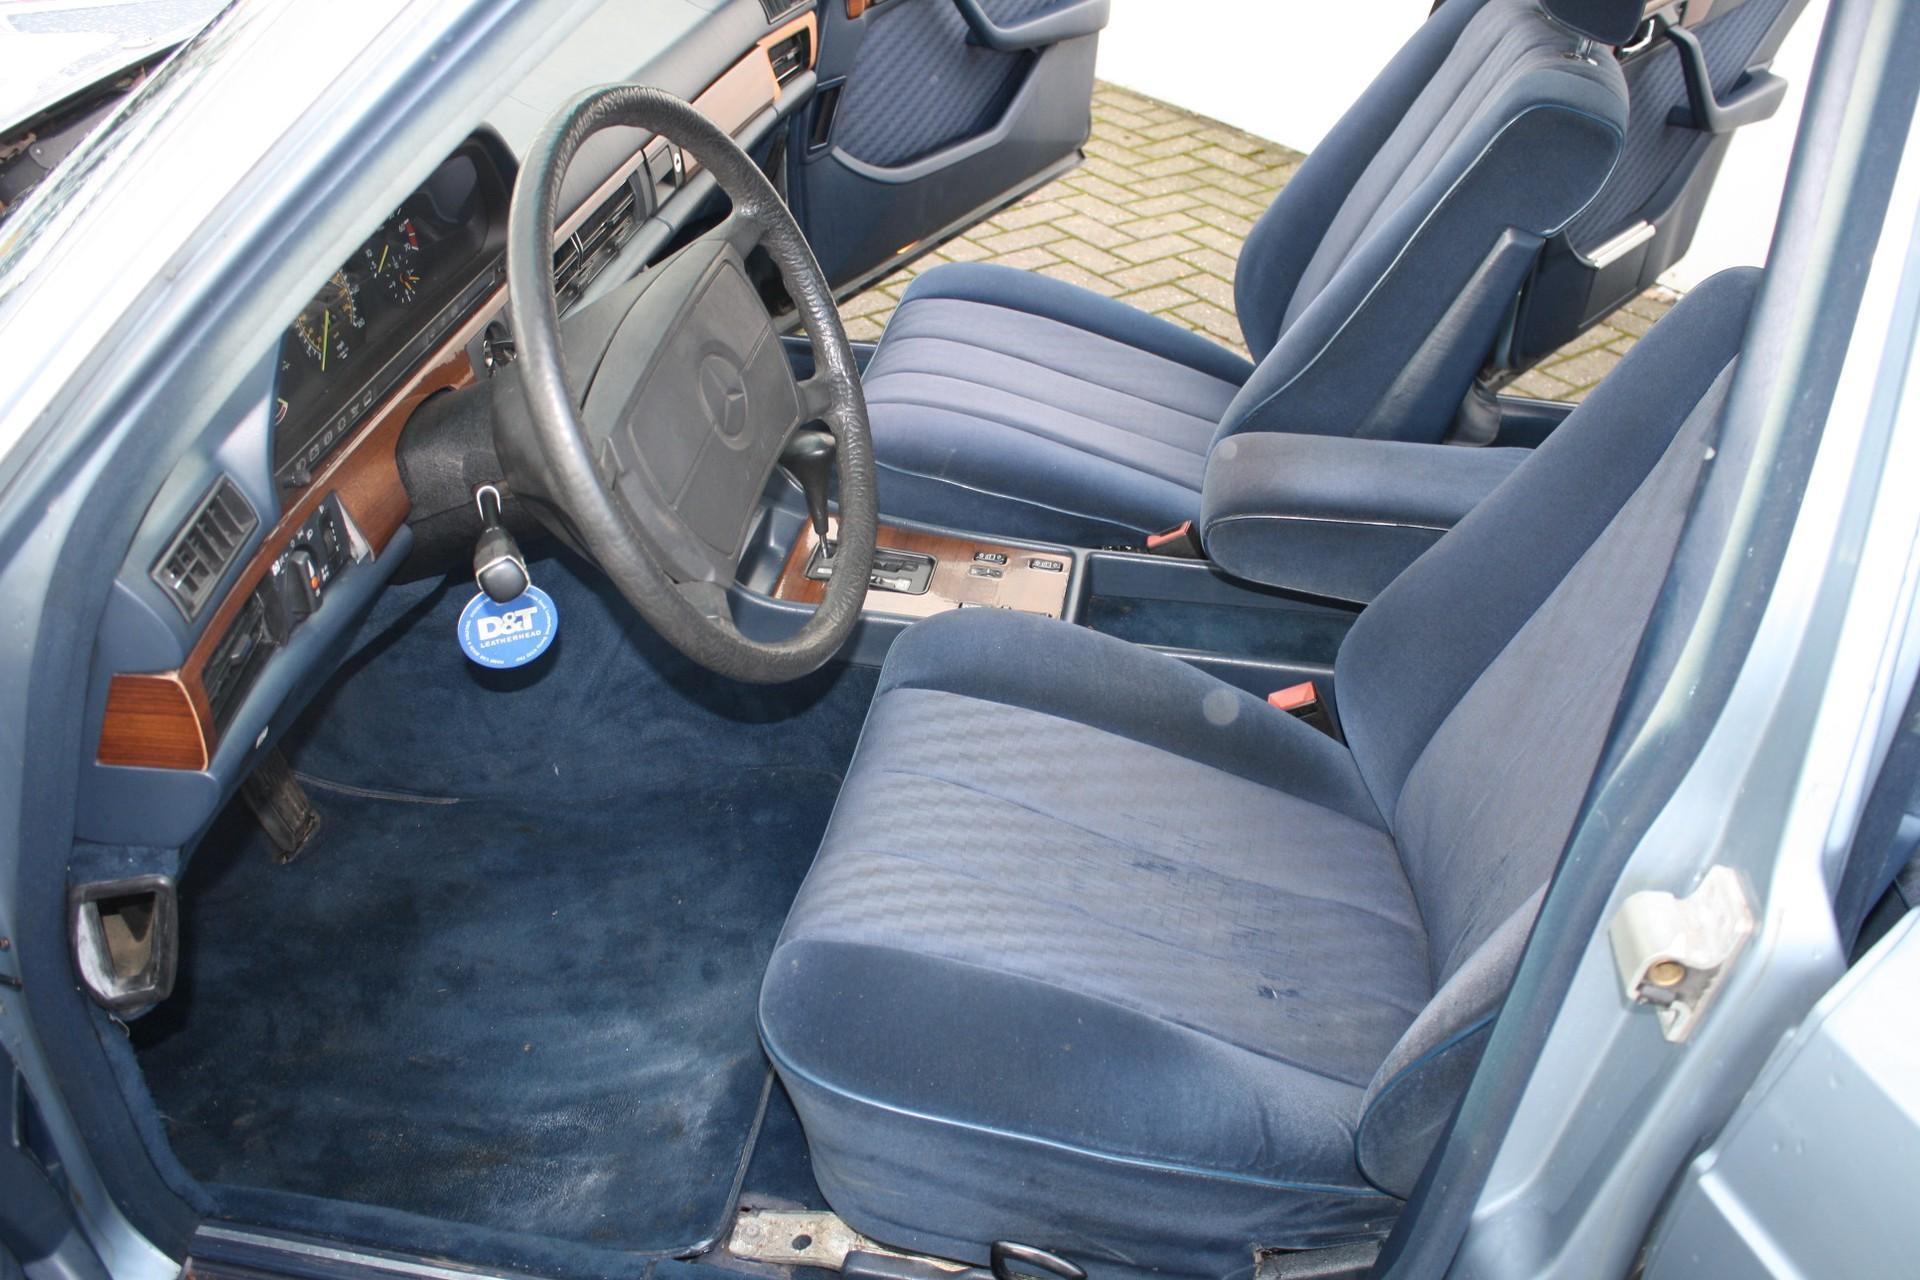 Mercedes-Benz S-Klasse 420 SEL Foto 3